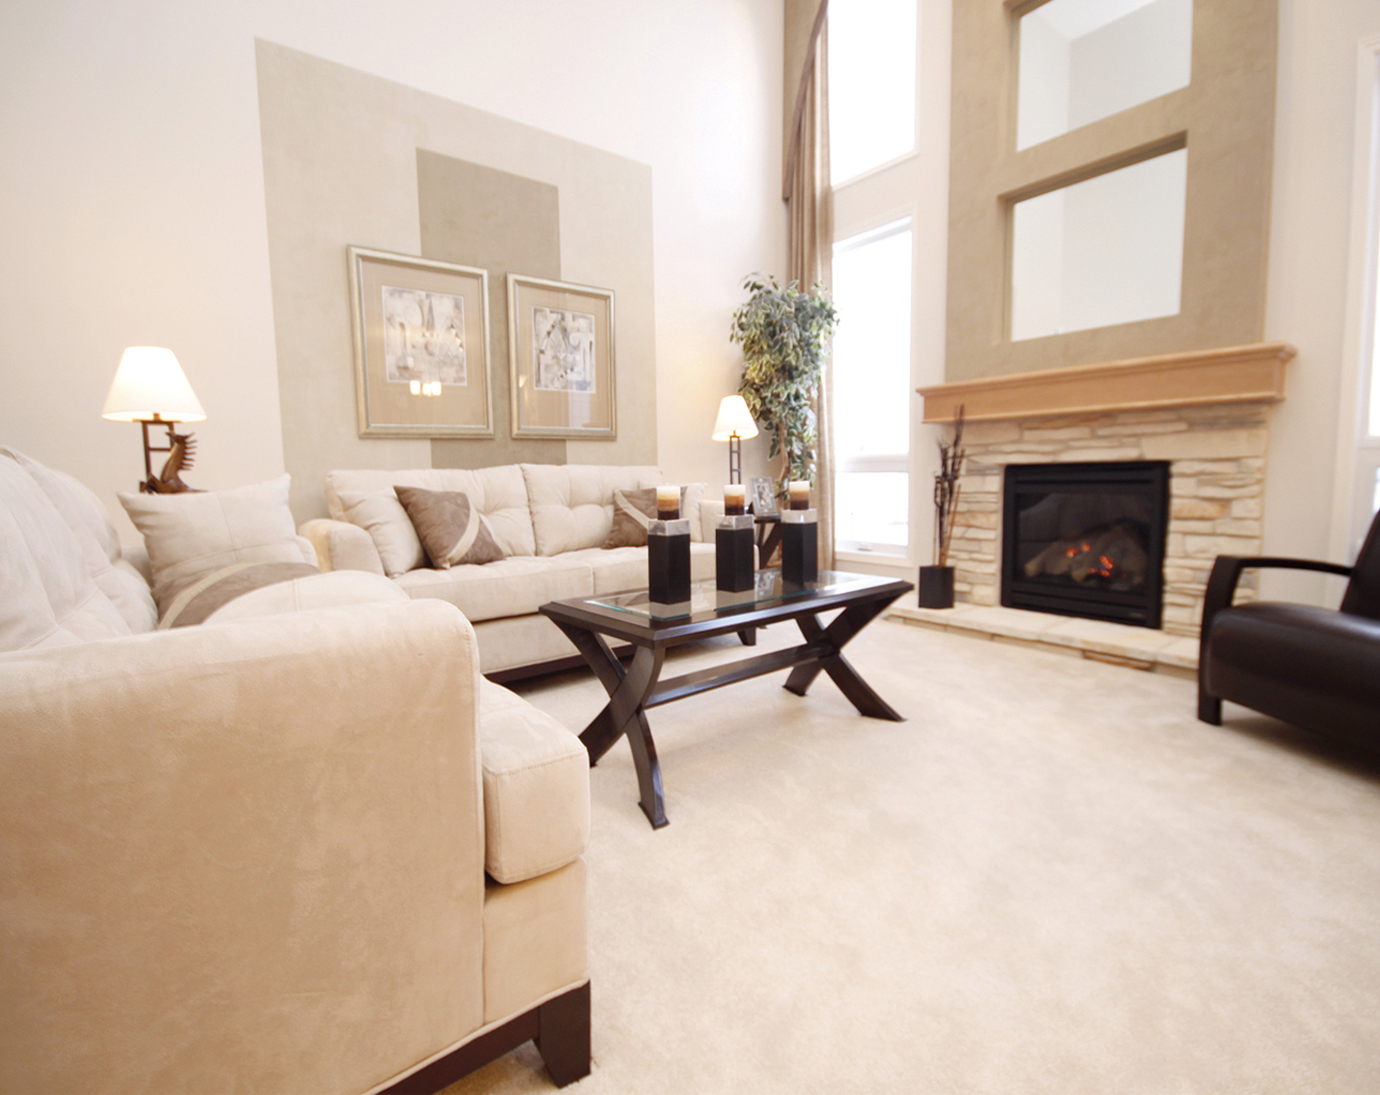 Berber Carpet For Living Room Flooring